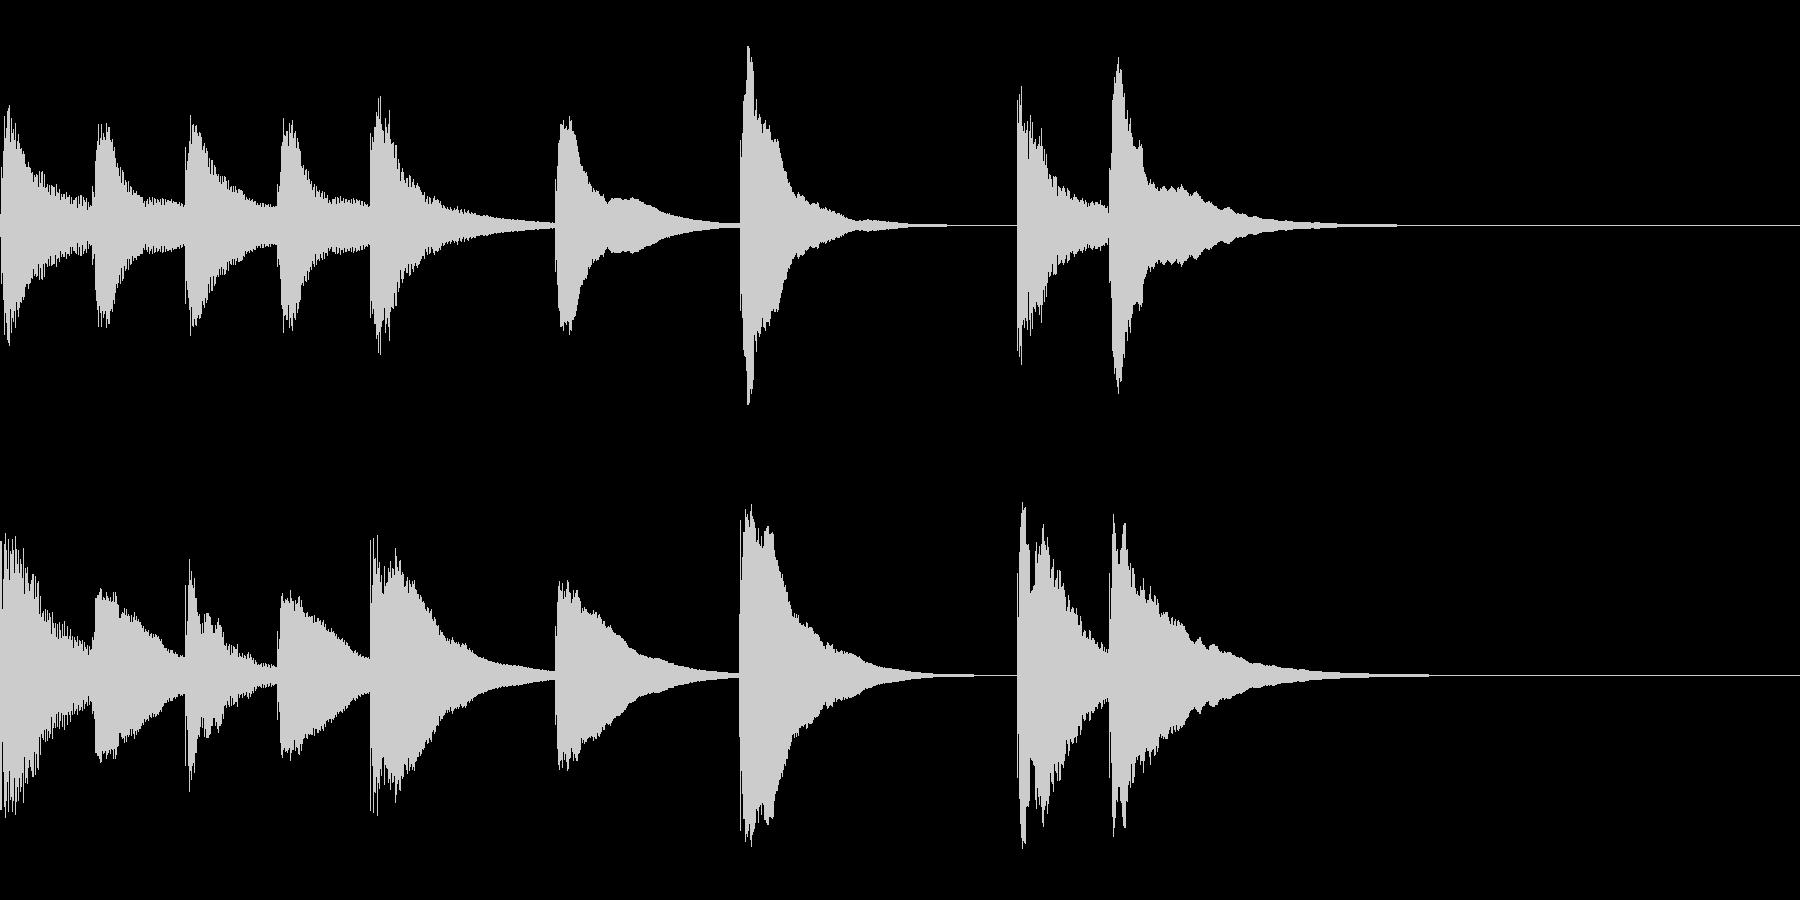 木琴のかわいい4秒ジングルの未再生の波形